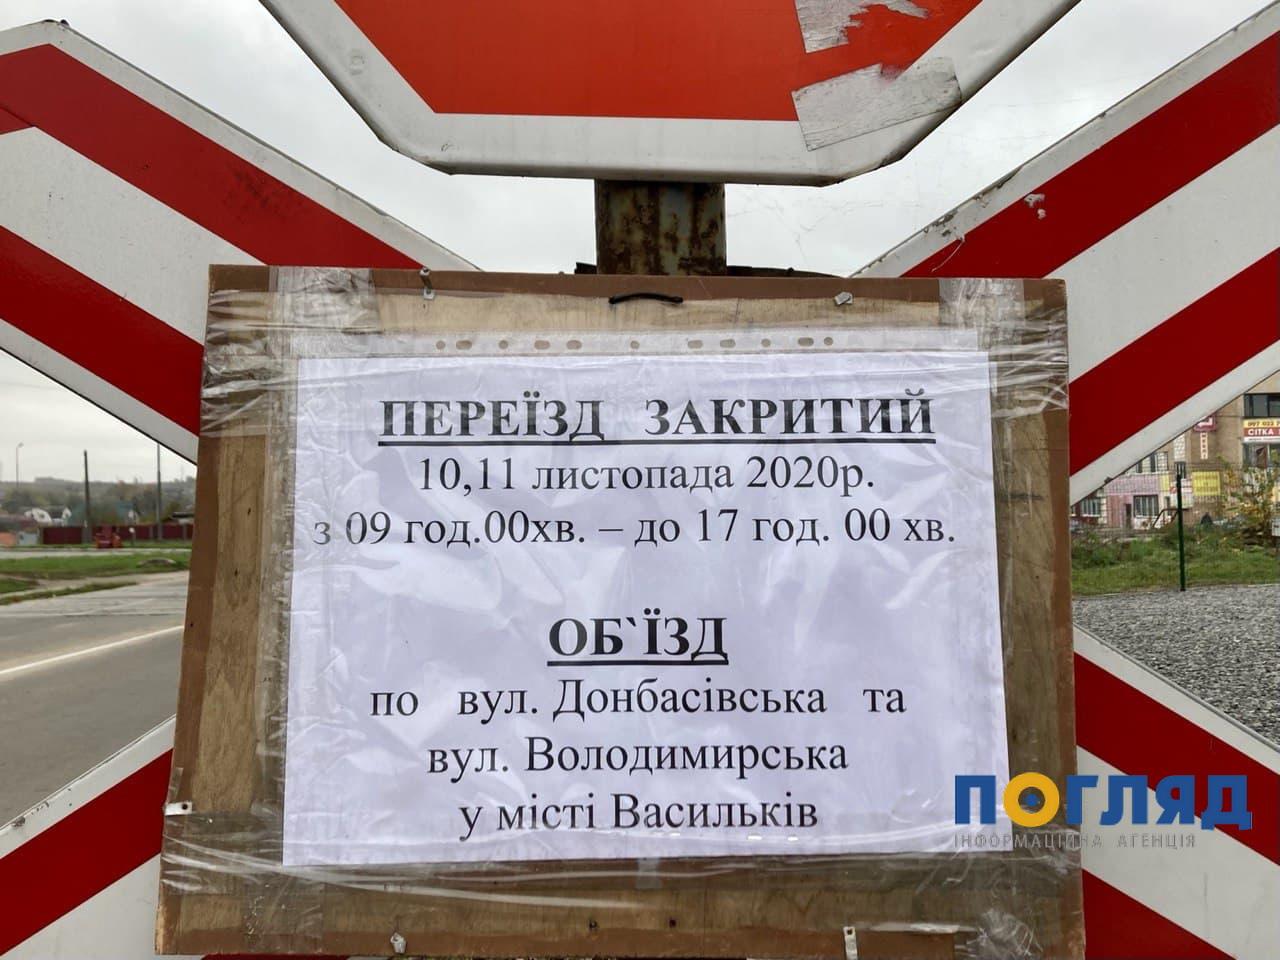 У Василькові на два дні зачинять залізничний переїзд -  - photo 2020 11 06 13 17 48